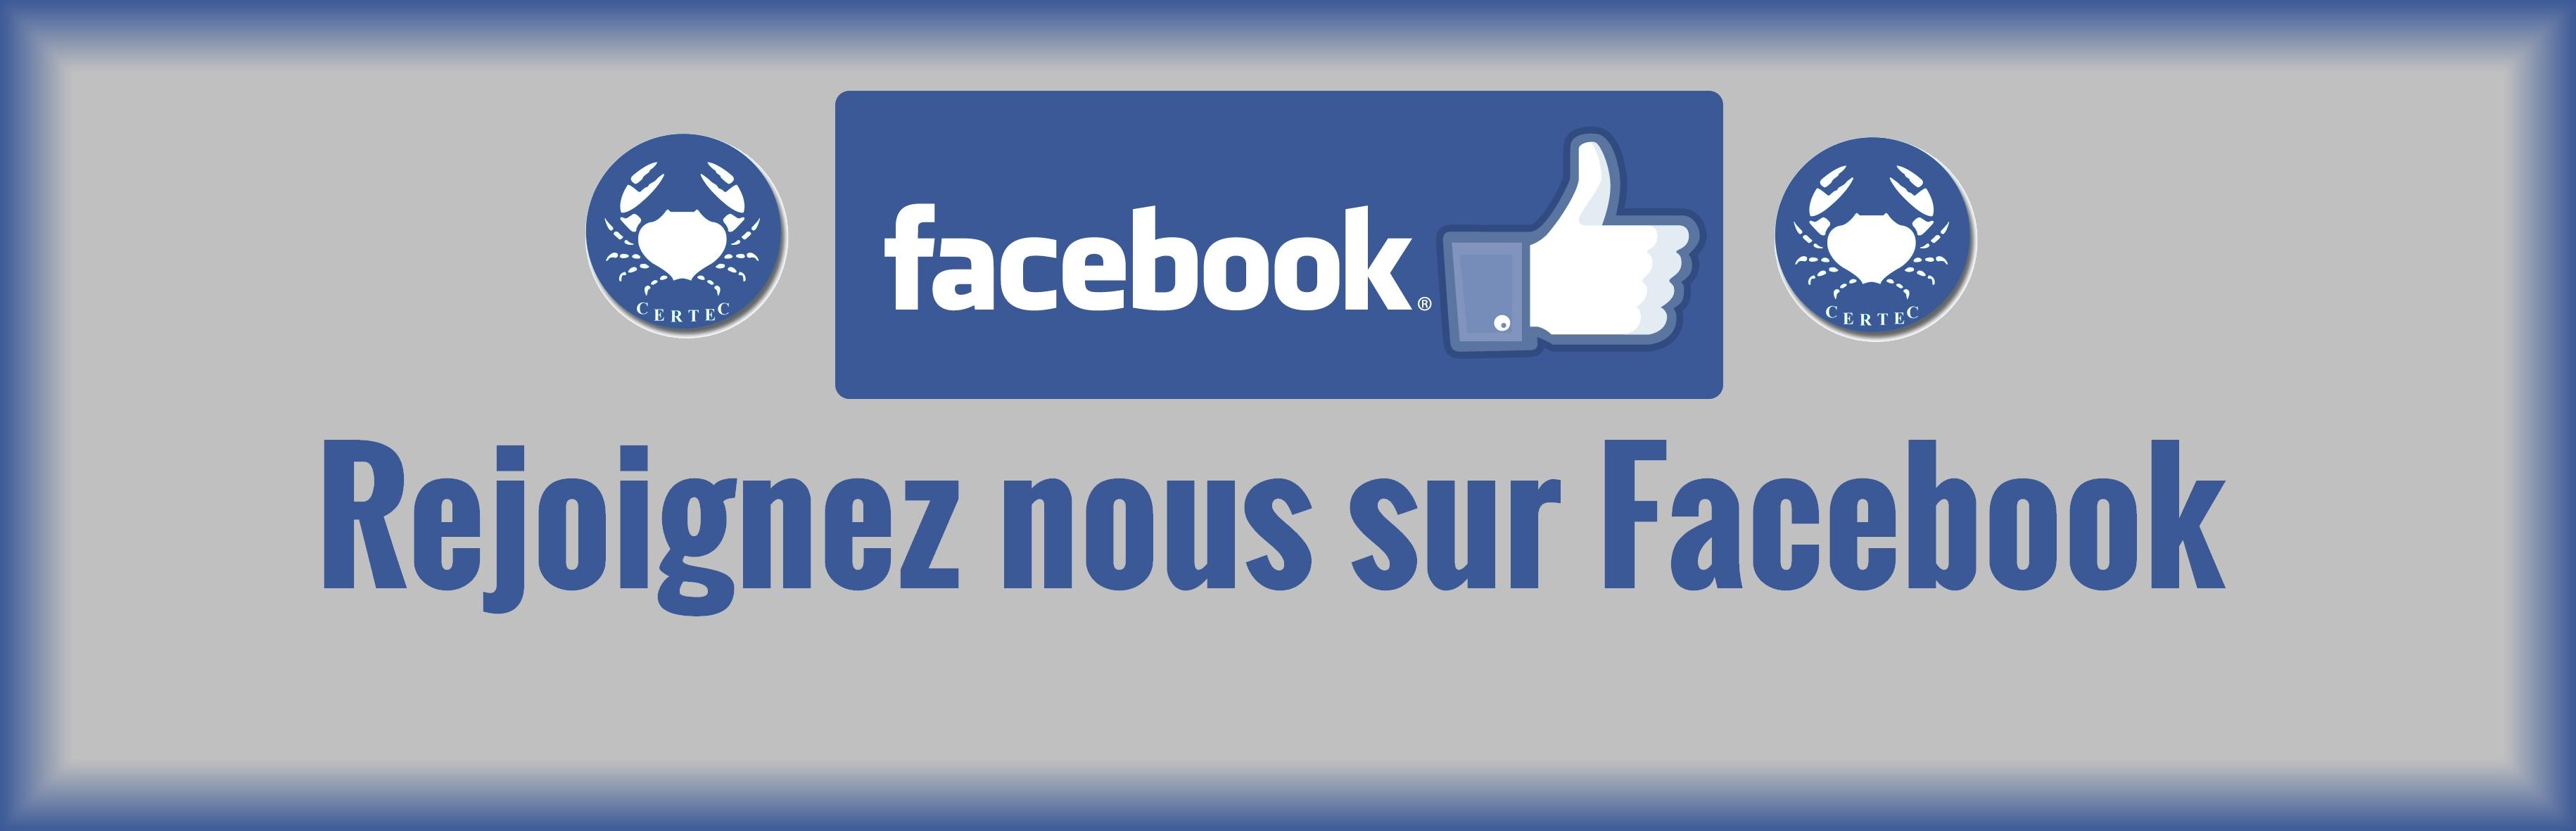 Slide-Facebook